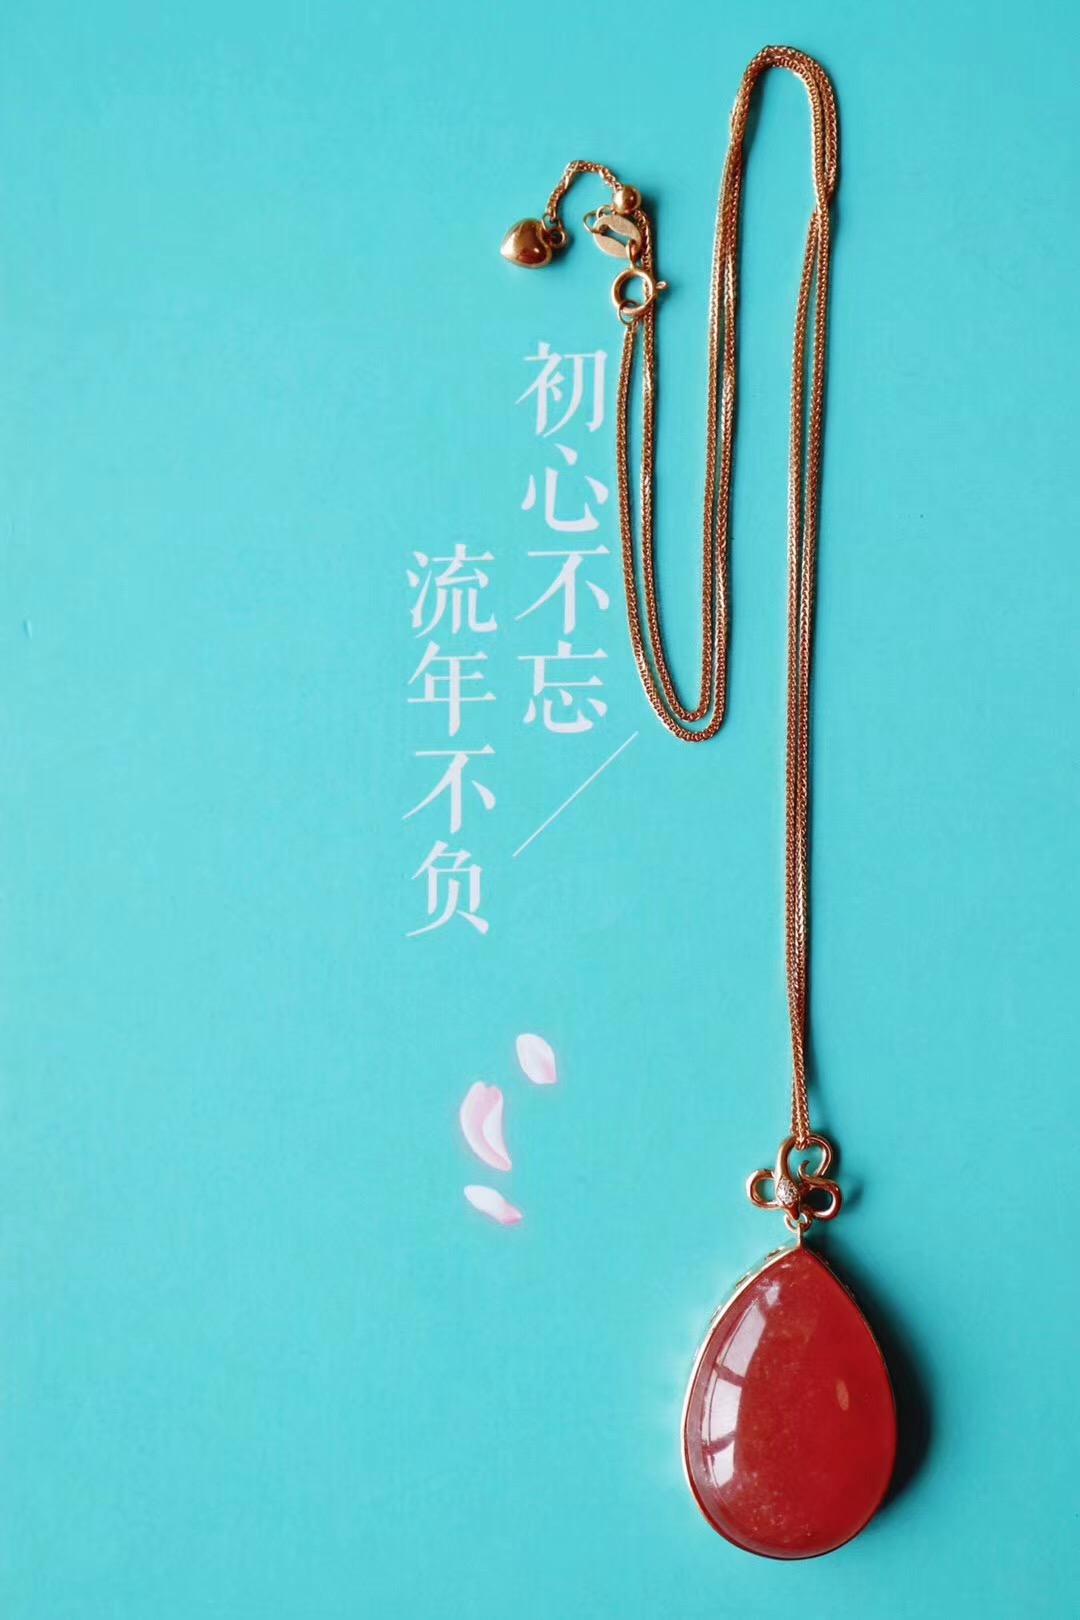 【菩心-红纹石&灵蛇🐍】蛇的蜕皮象征着重生、生殖、疗愈-菩心晶舍